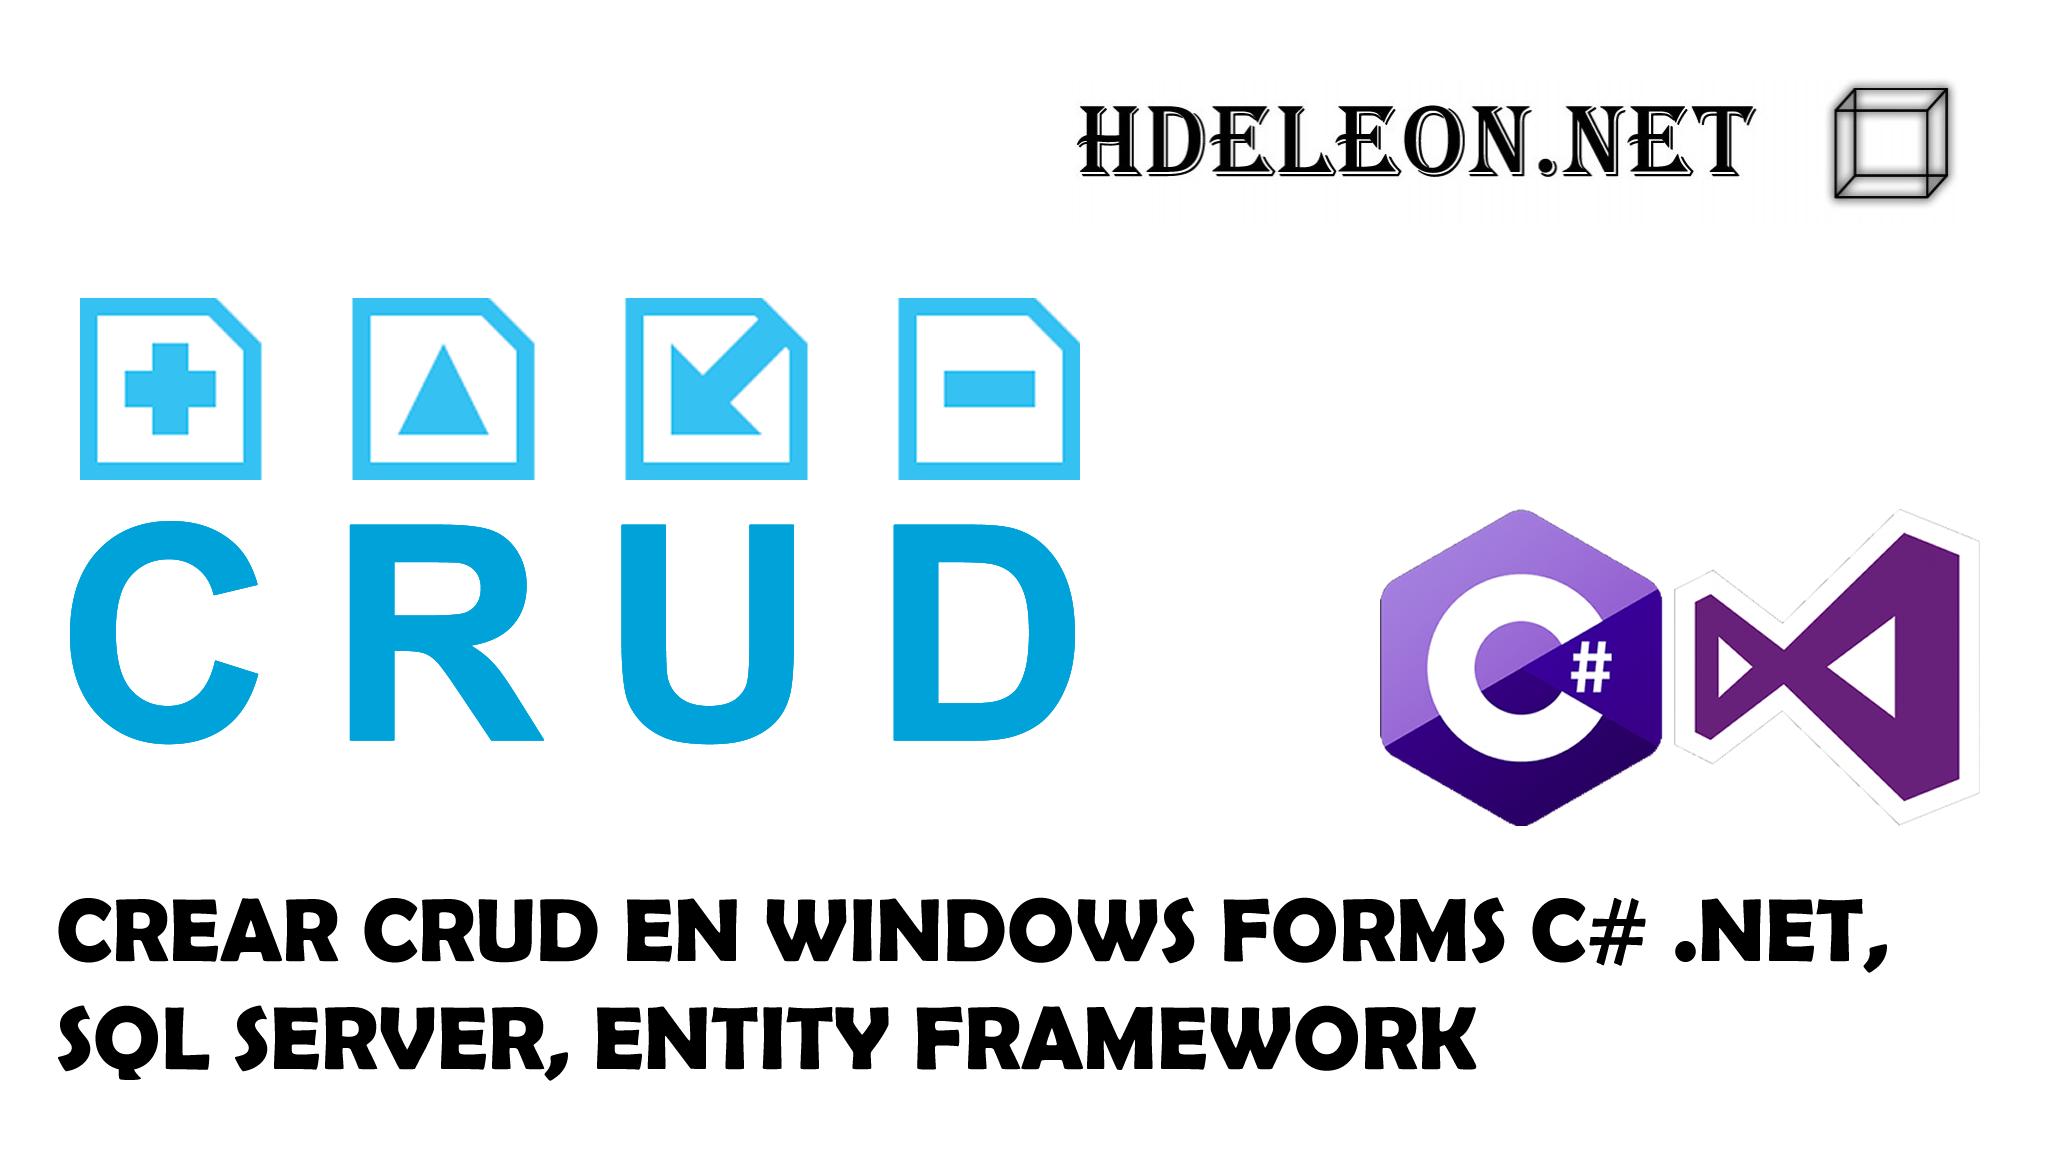 Crear CRUD en Windows Forms con C# .Net, Entity Framework y Sql Server